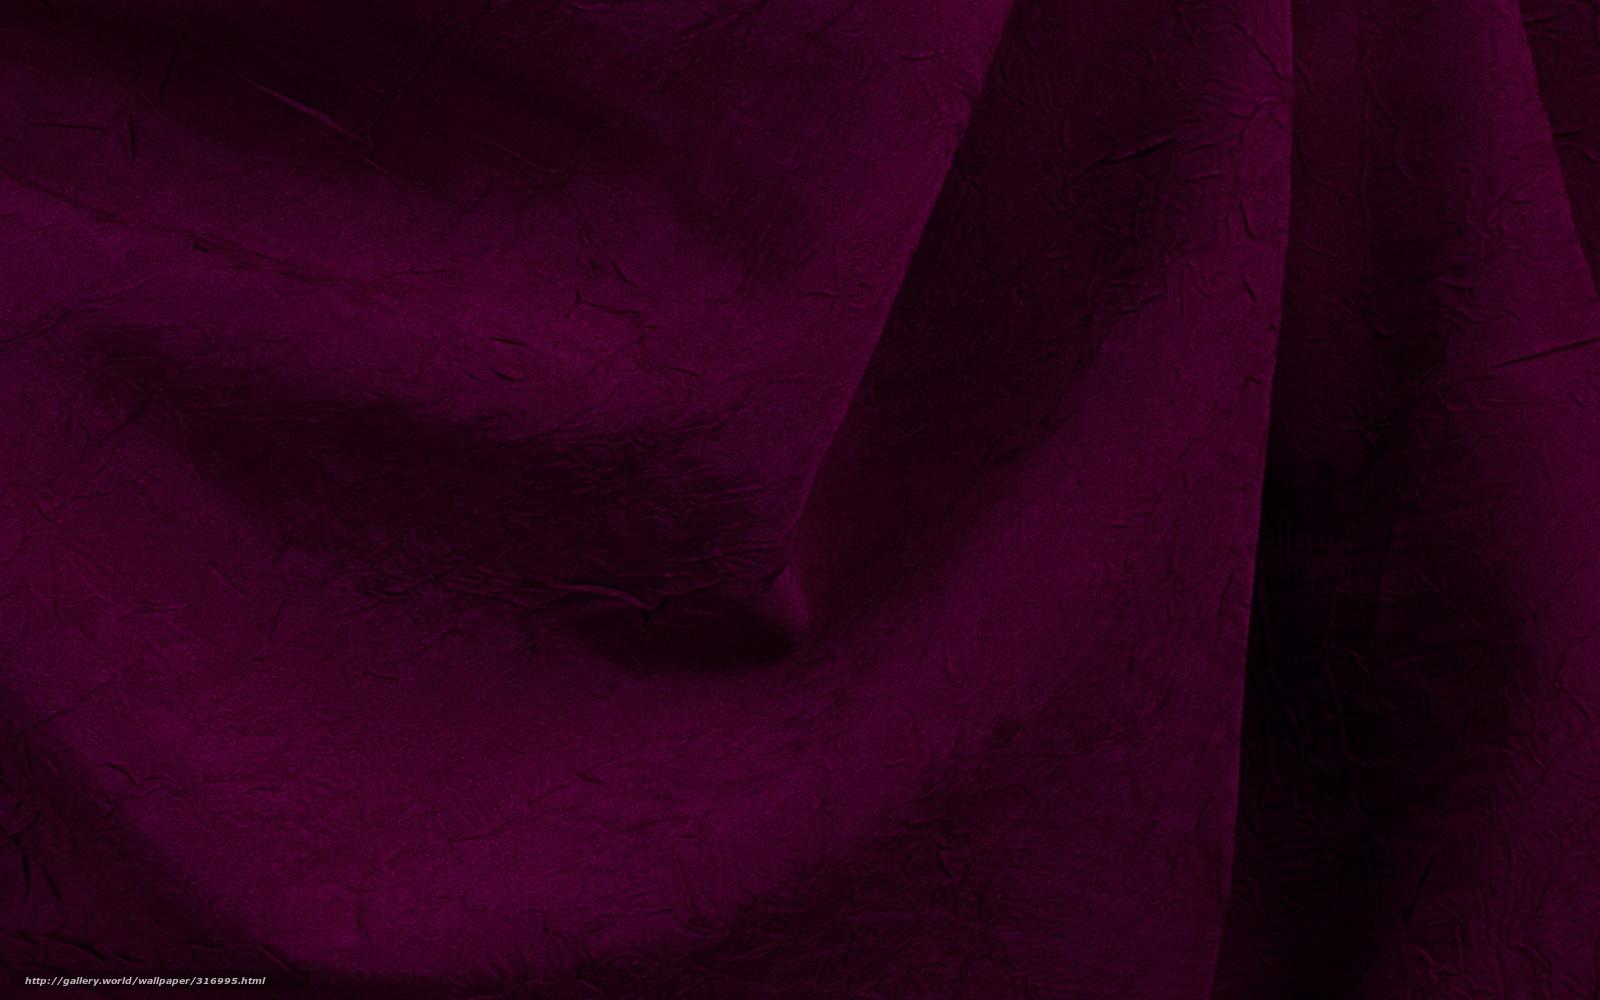 Скачать обои вишневый цвет,   ткань,   складки бесплатно для рабочего стола в разрешении 2560x1600 — картинка №316995